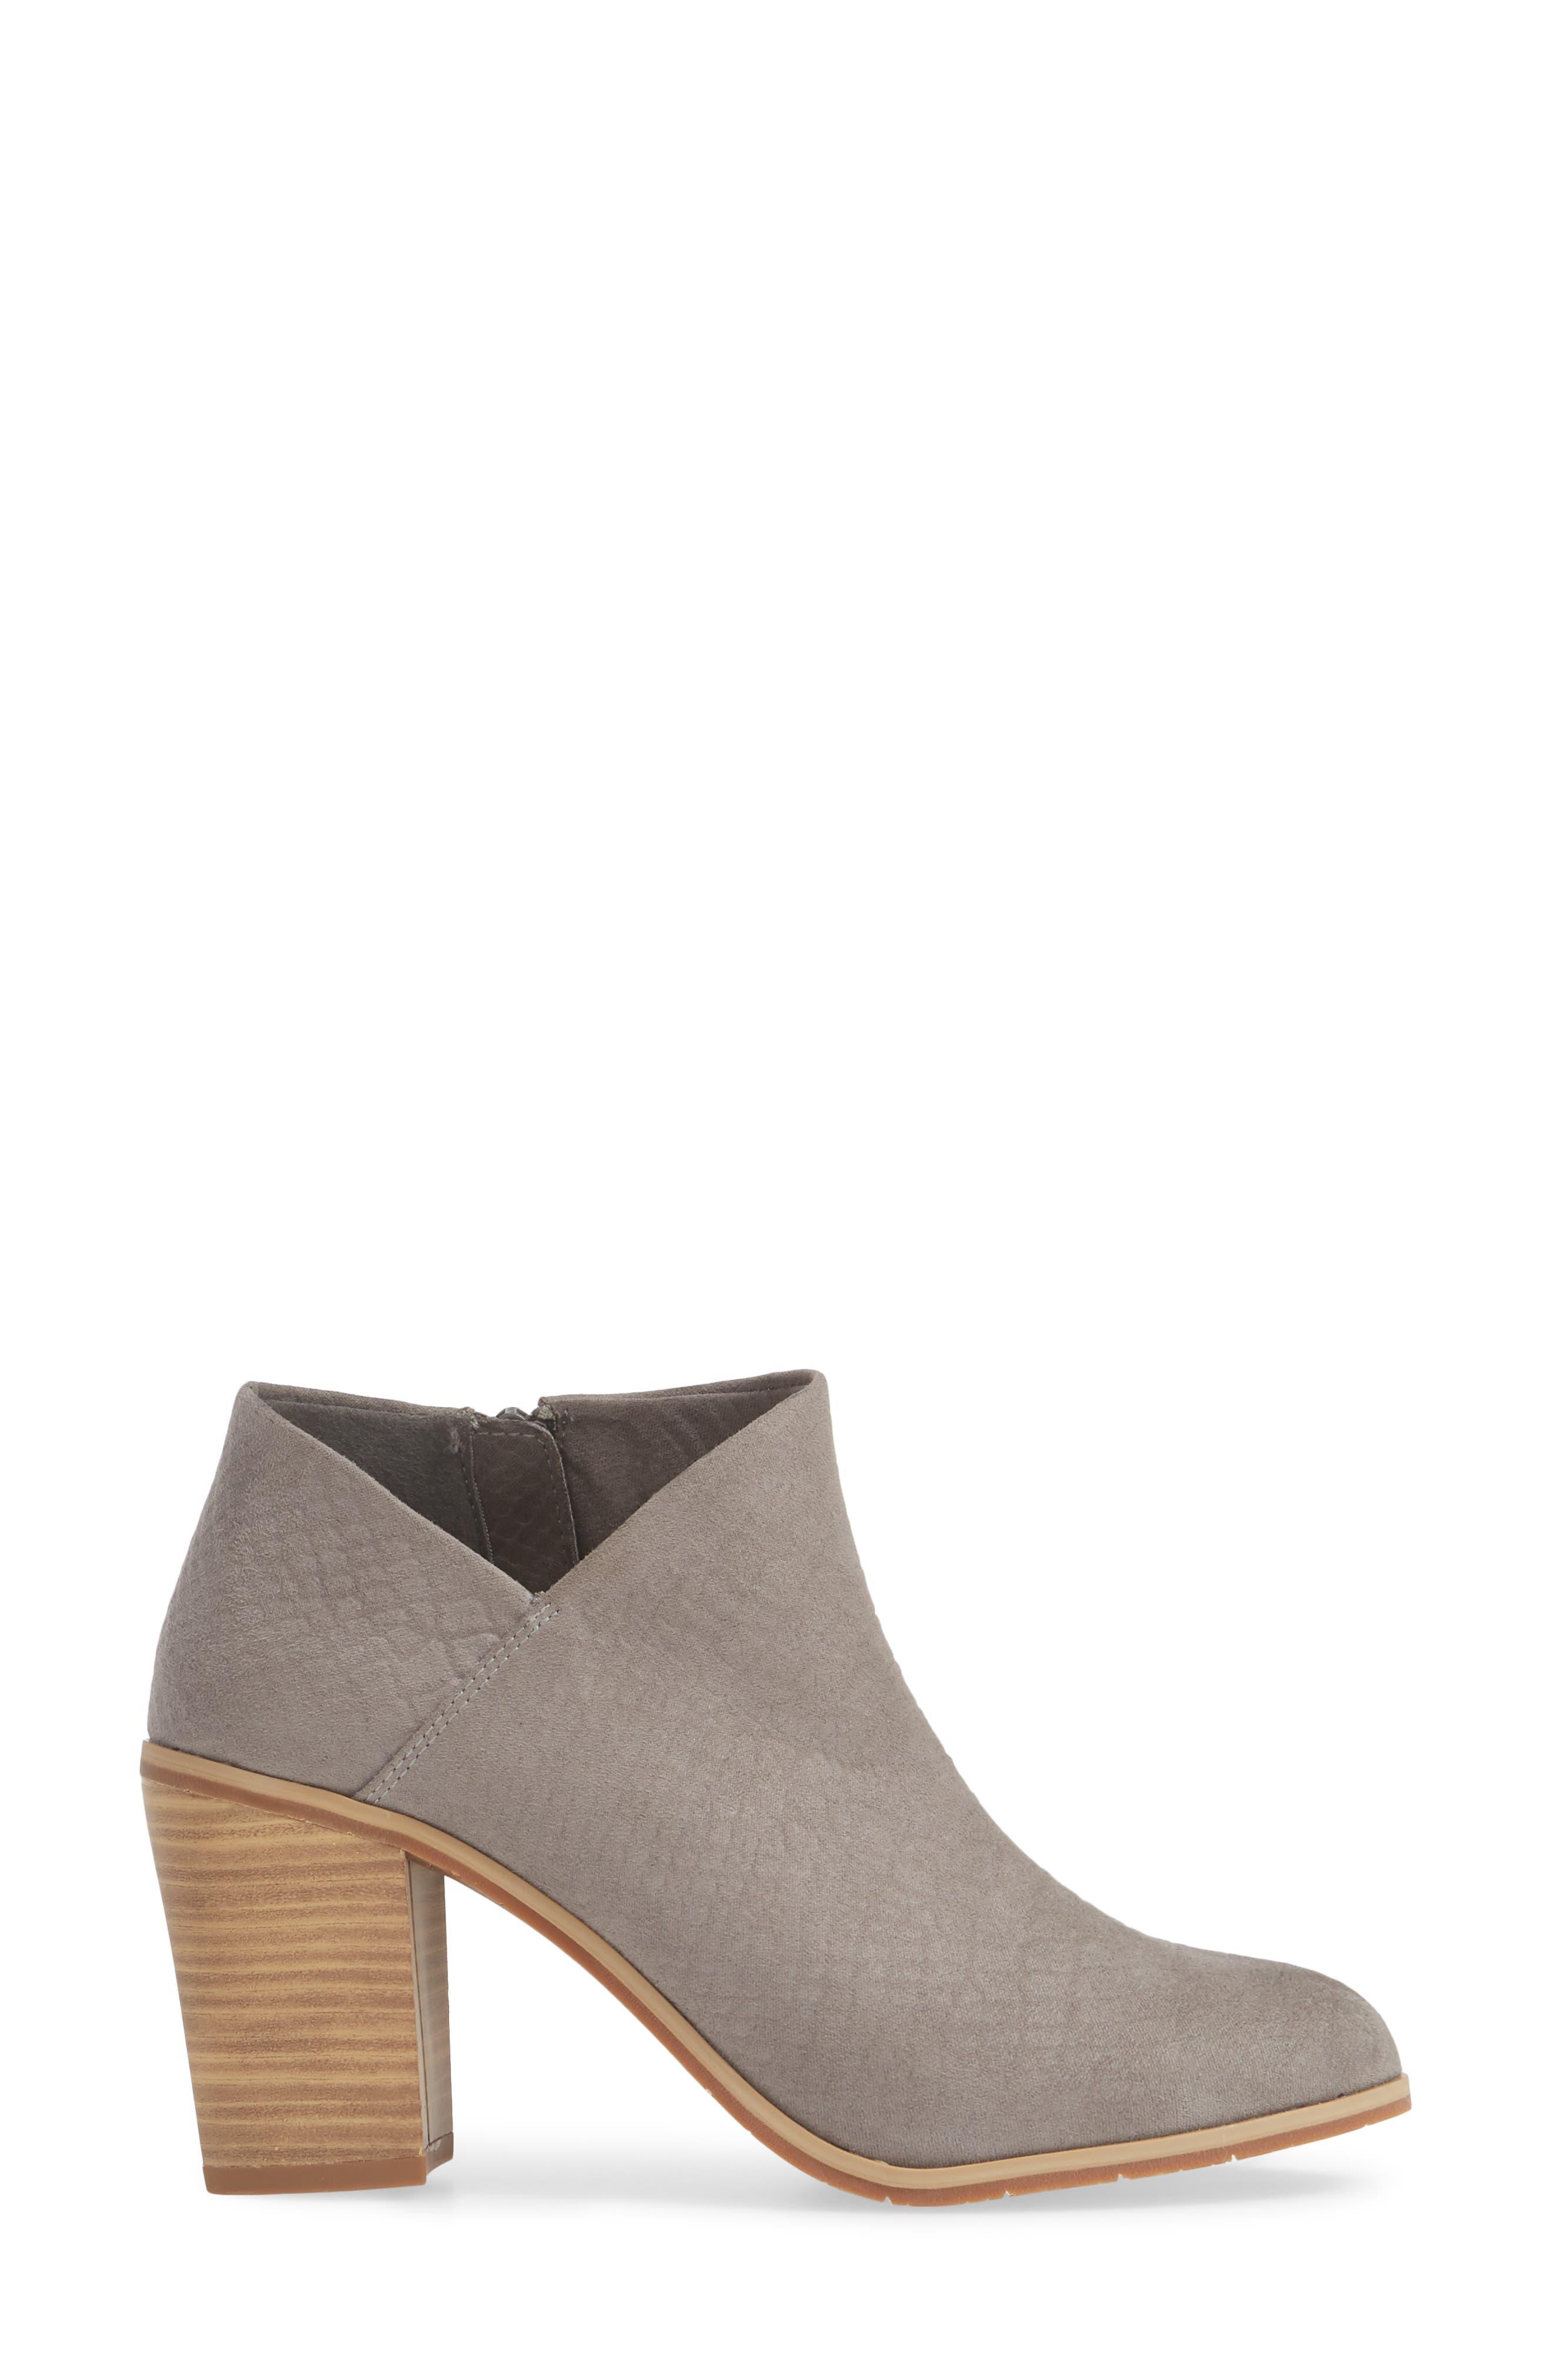 BC FOOTWEAR,                             Kettle Block Heel Bootie,                             Alternate thumbnail 3, color,                             GREY VEGAN SUEDE